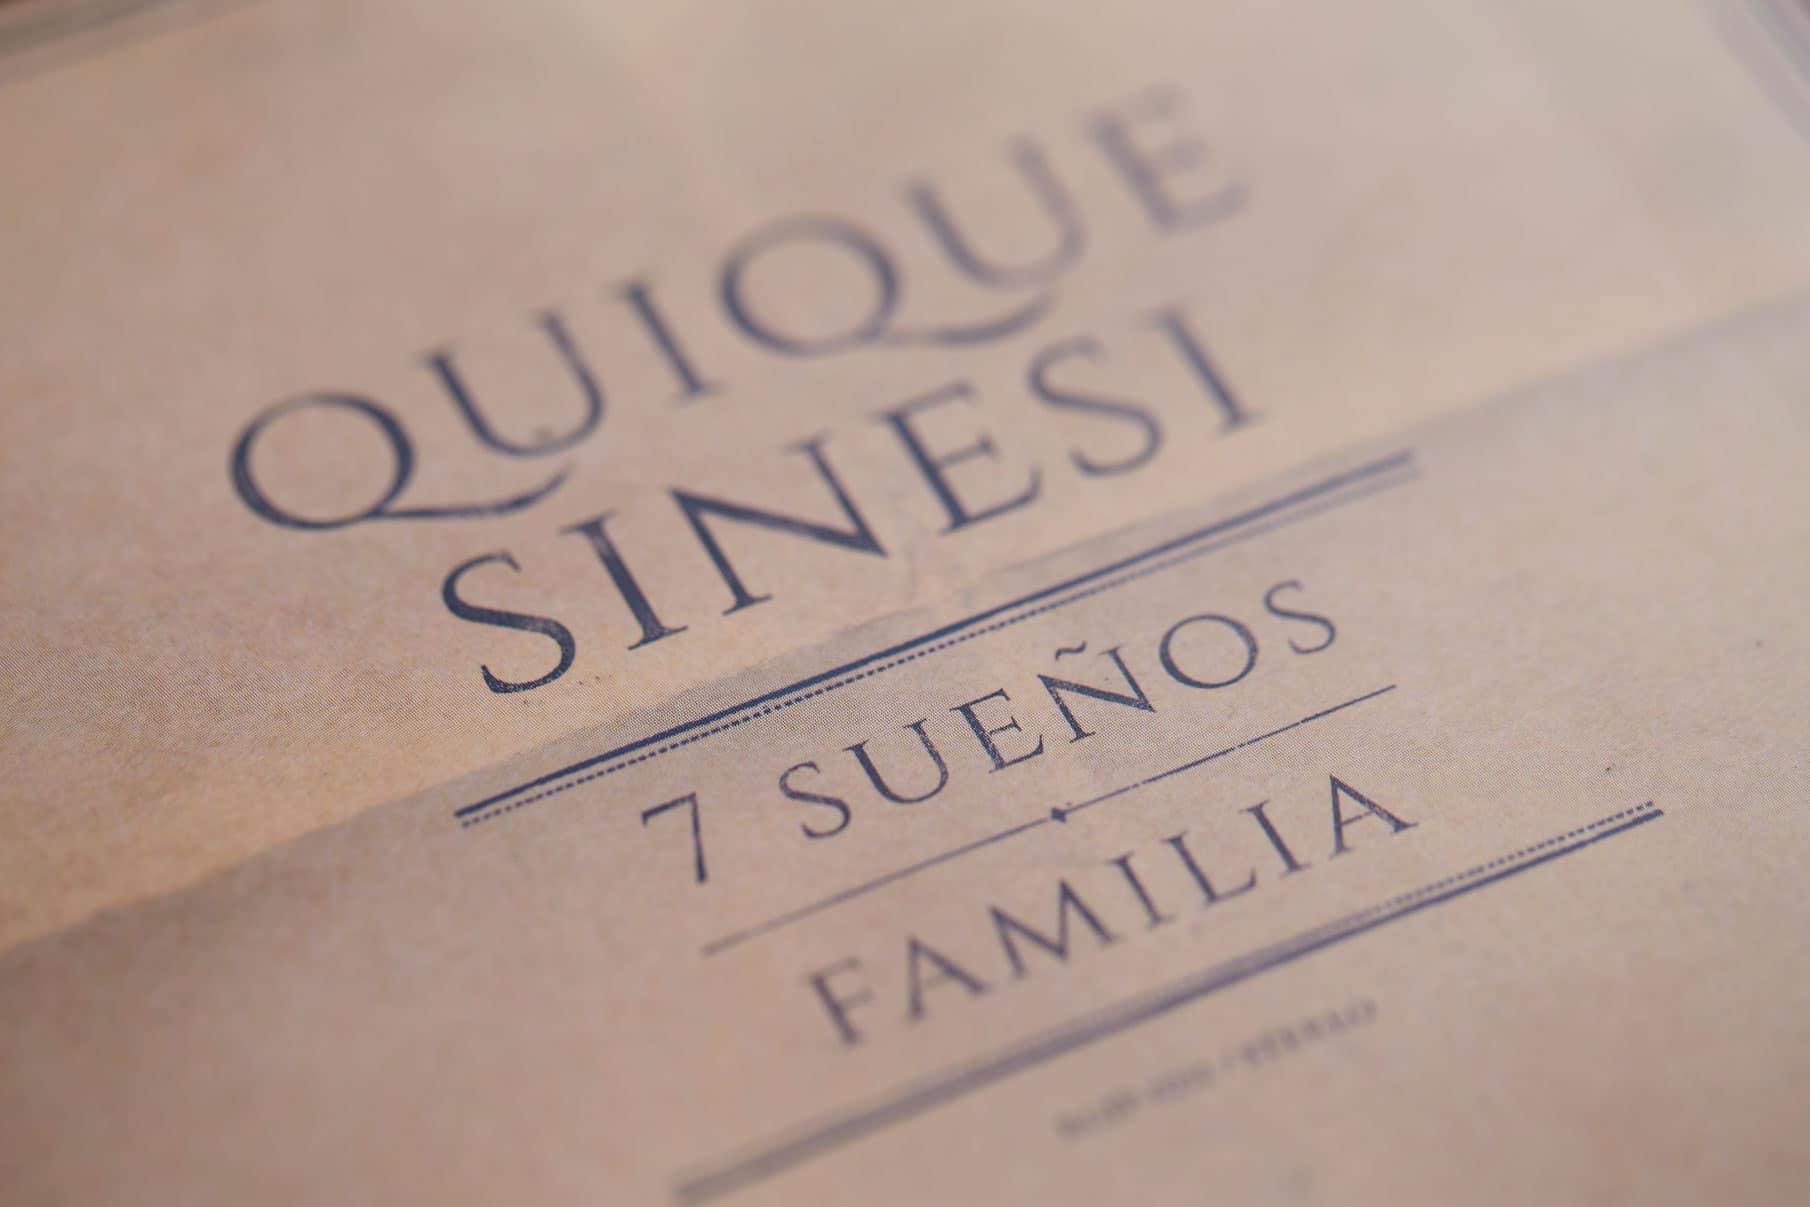 7 Suenos + Familia / Quique Sinesi - CD Cover 5